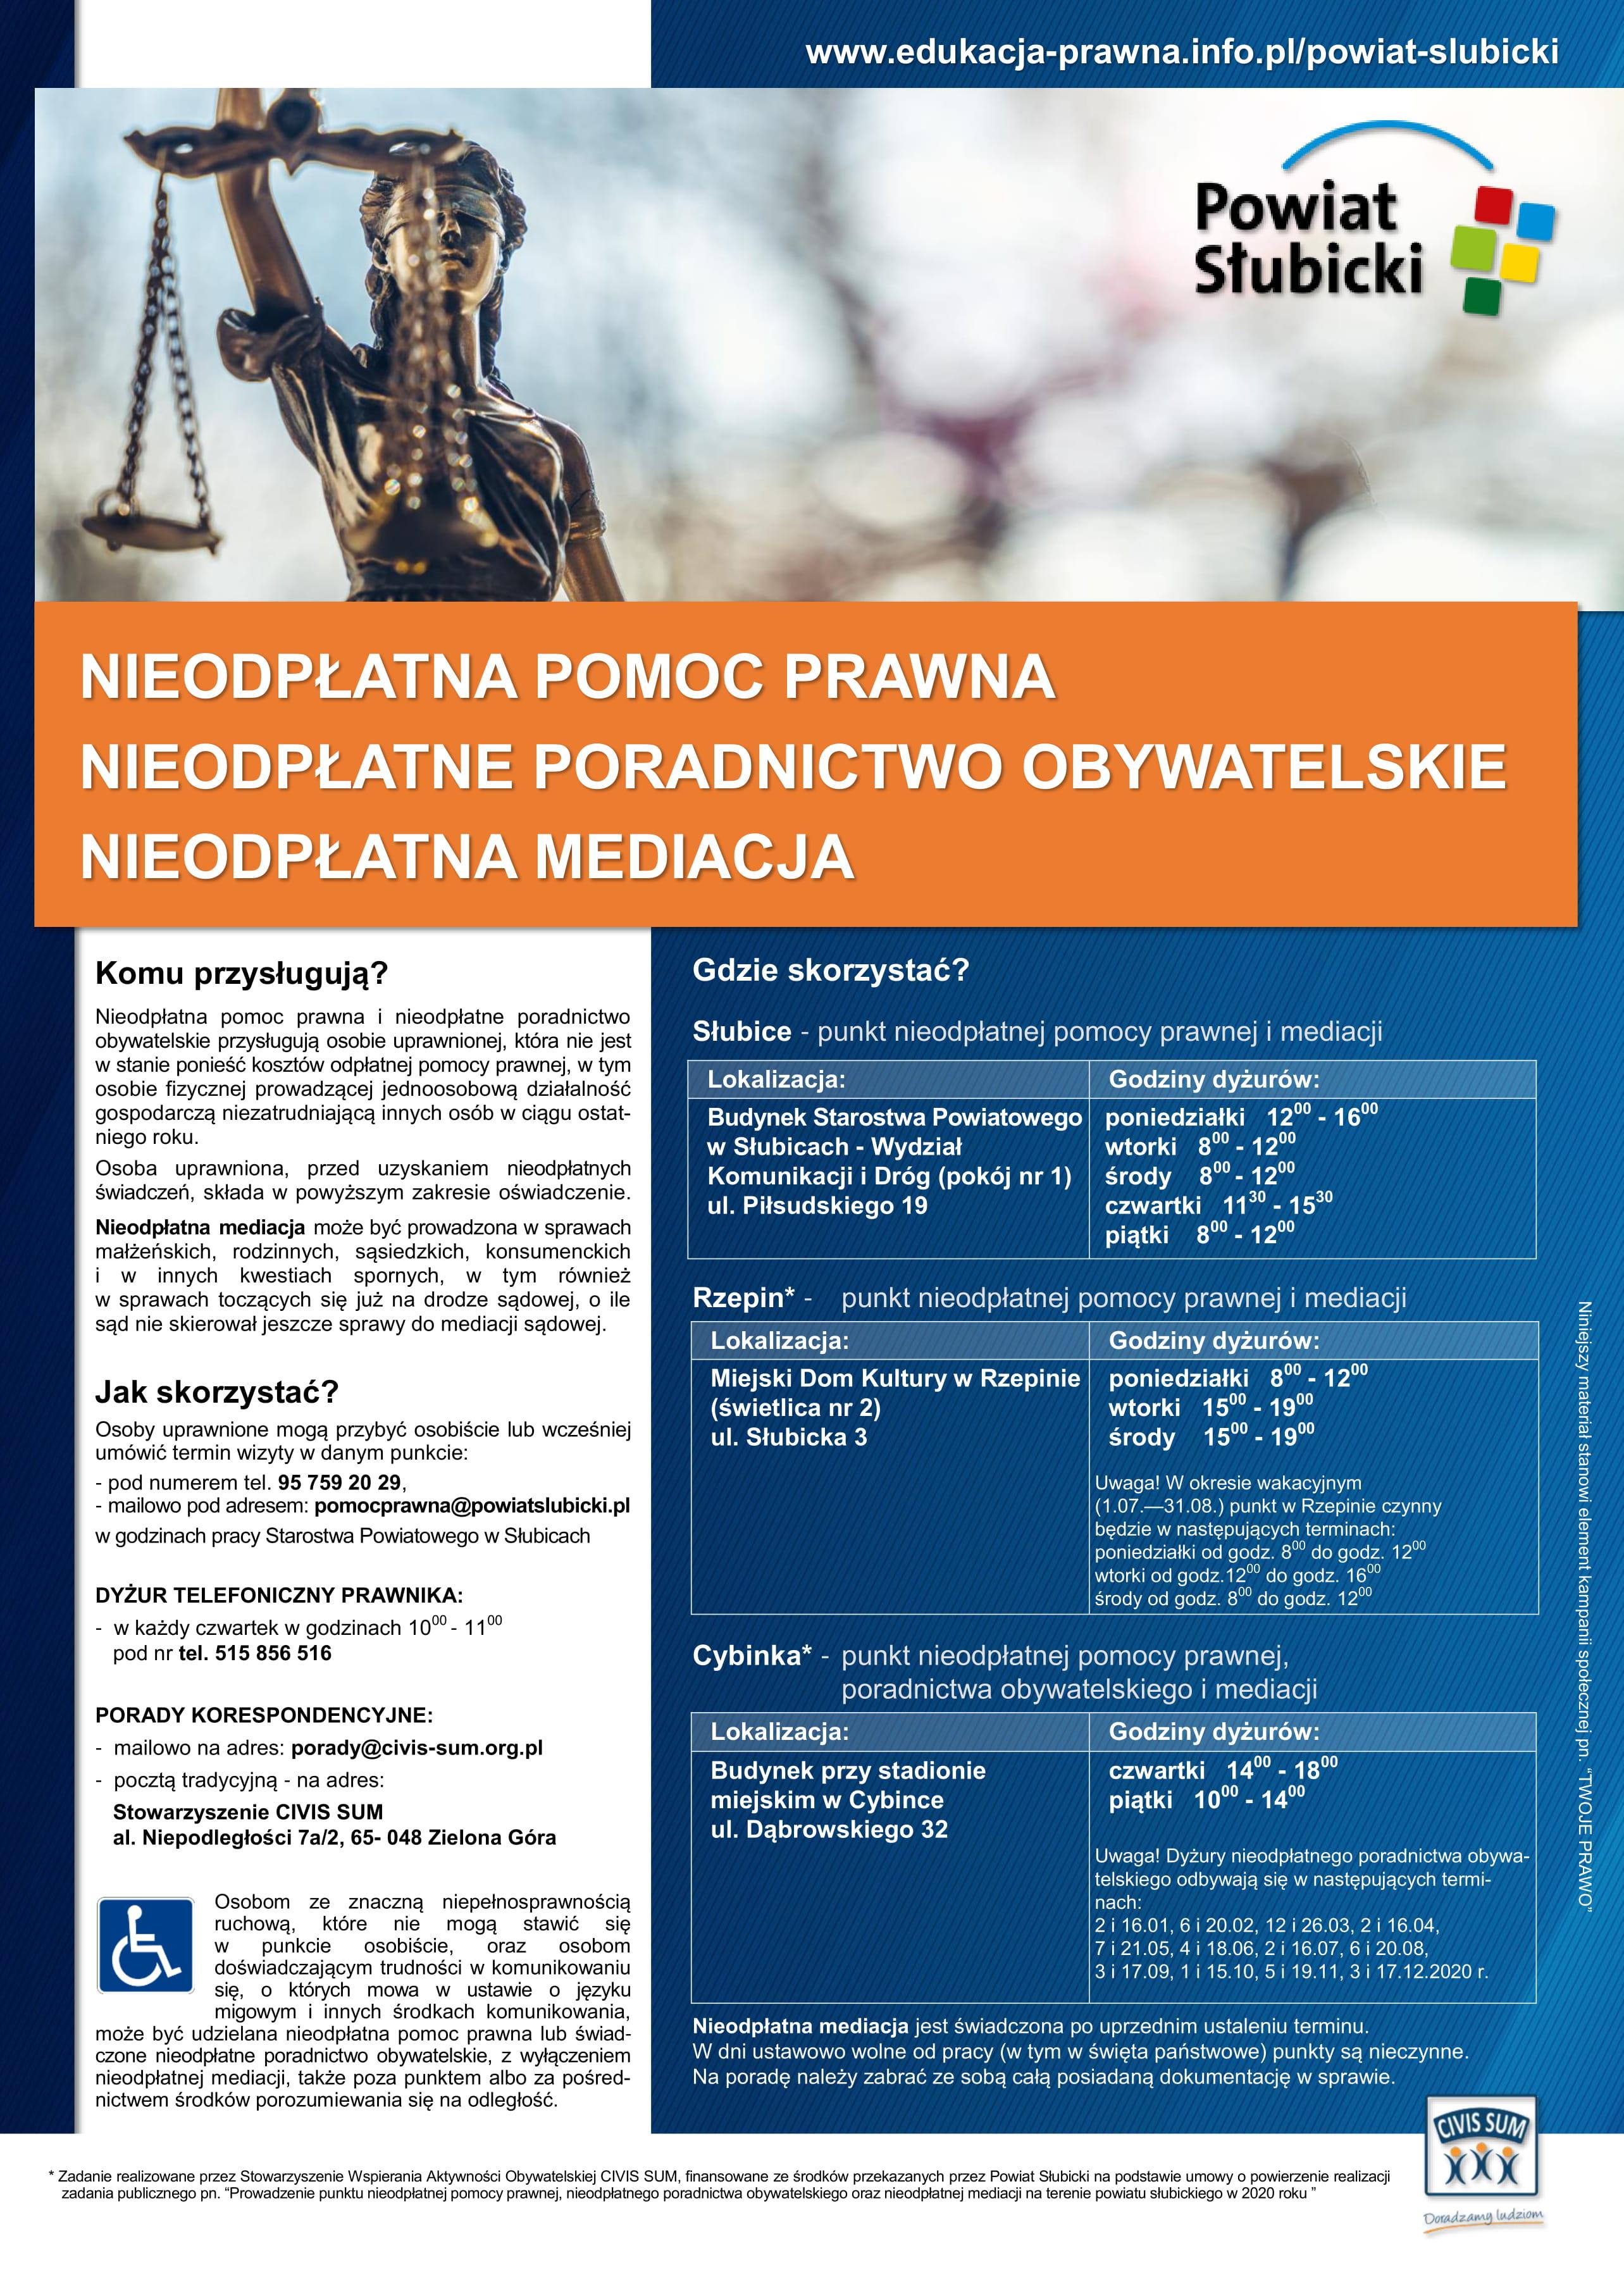 Ilustracja do informacji: Informacje nt. nieodpłatnej pomocy prawnej, poradnictwa obywatelskiego oraz mediacji